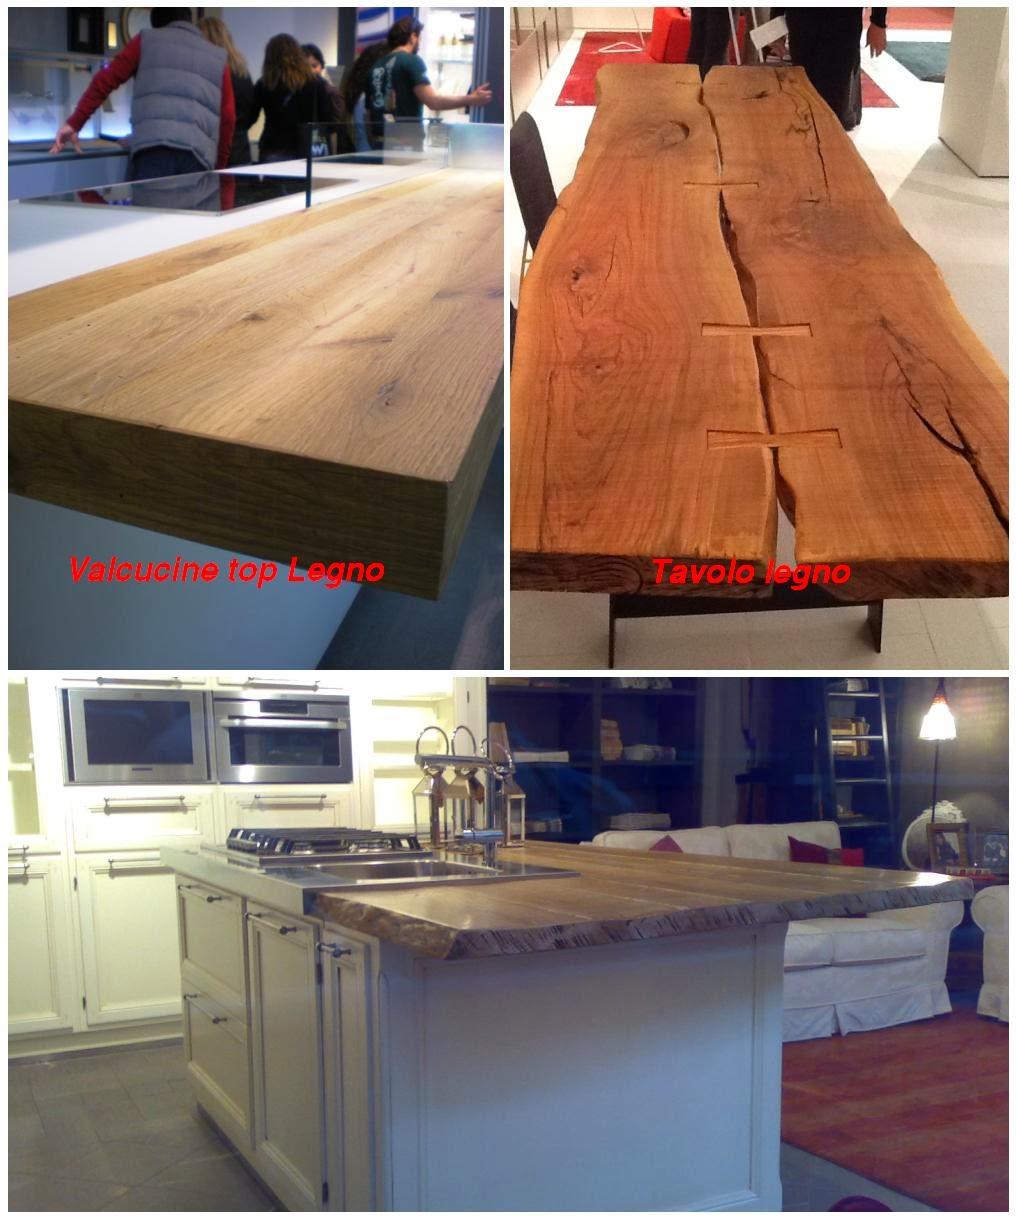 La casa rosso papavero i miei preferiti - Tavolo cucina legno grezzo ...